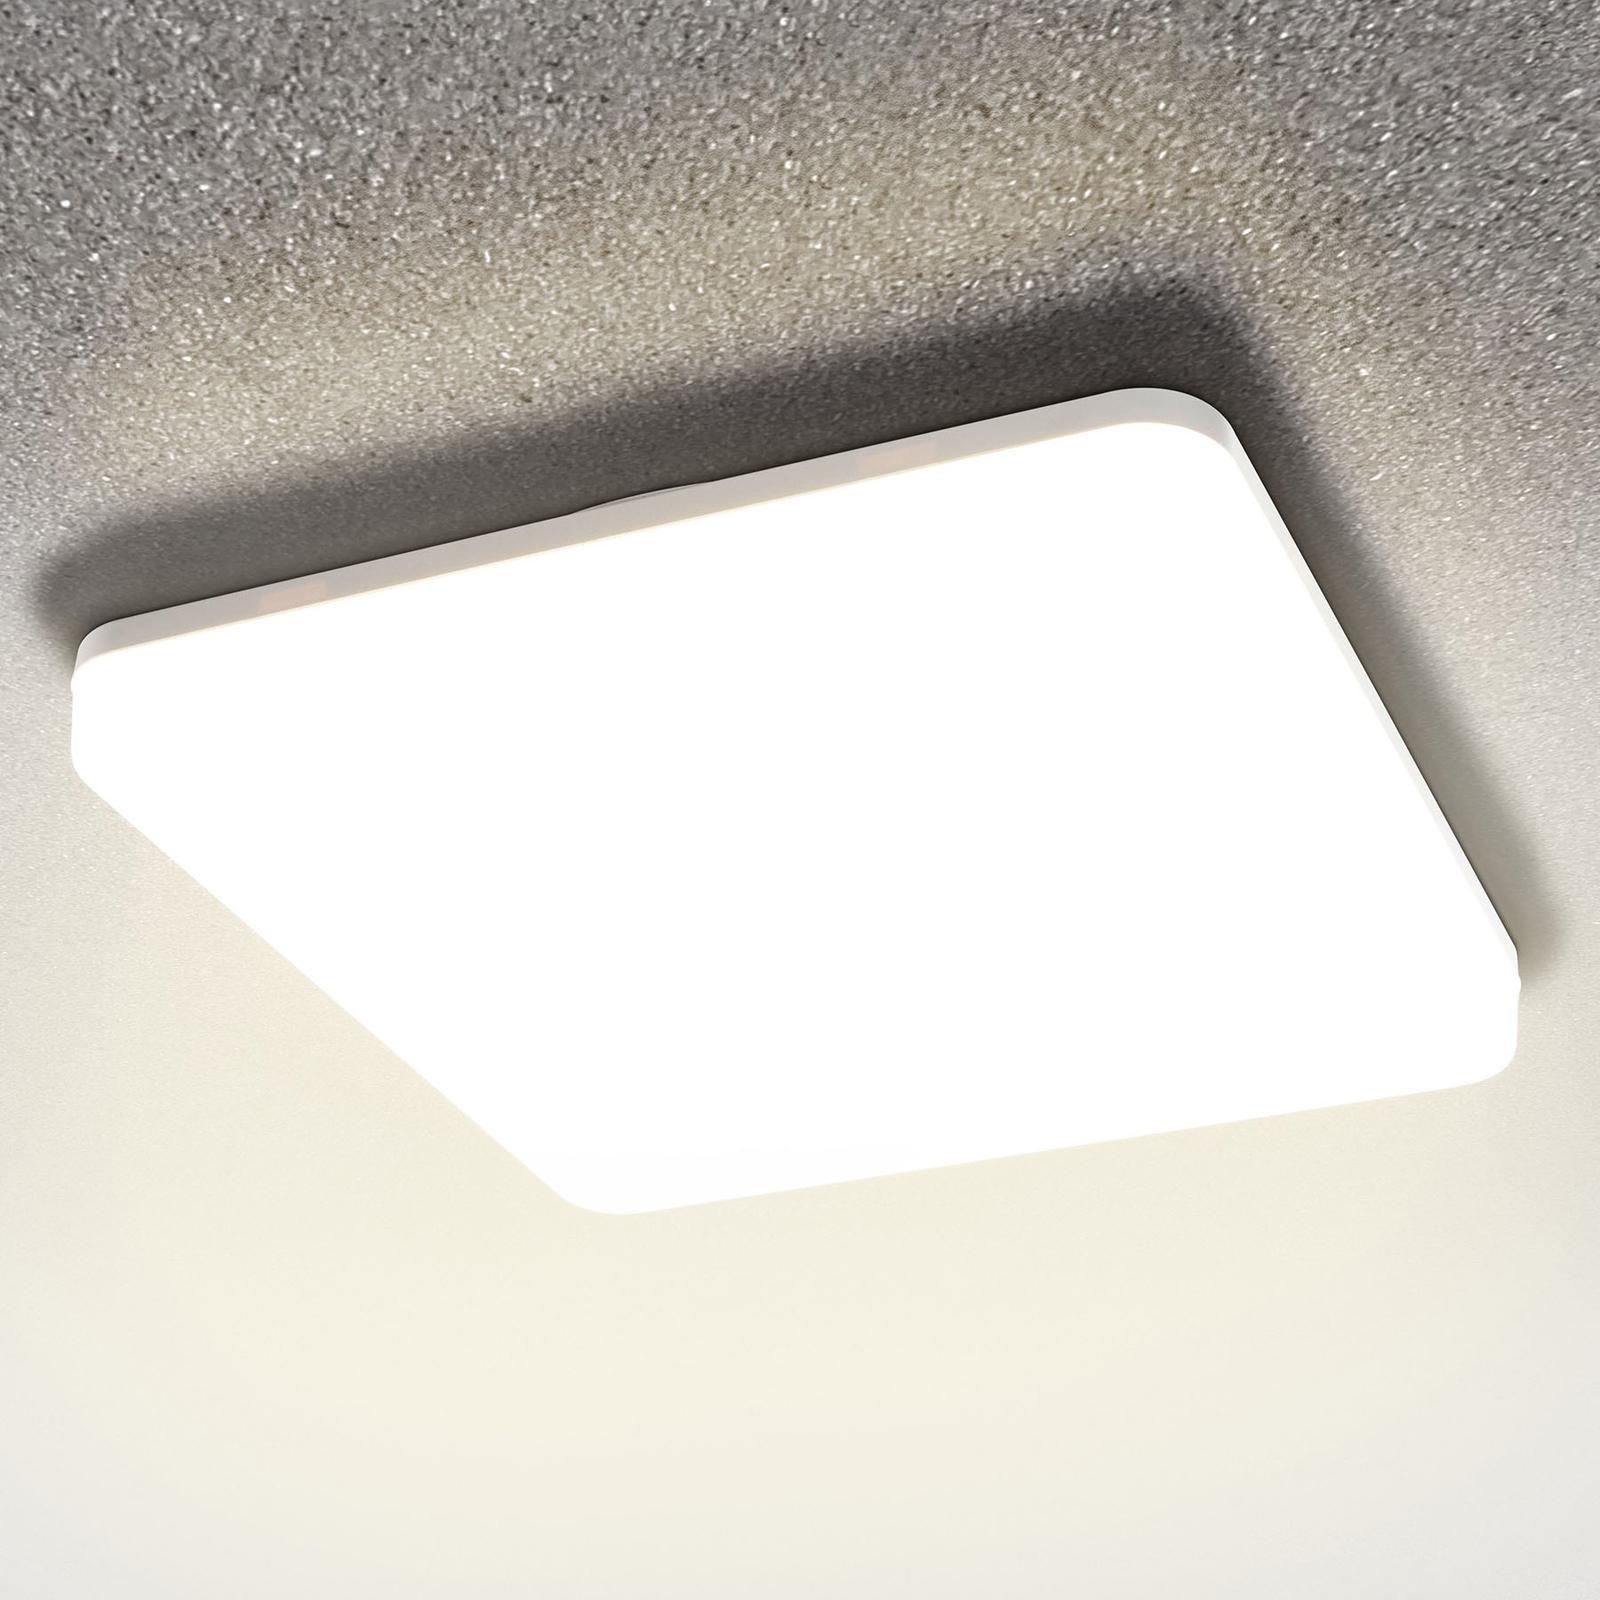 LED-Sensor-Deckenleuchte Pronto, 33x33cm